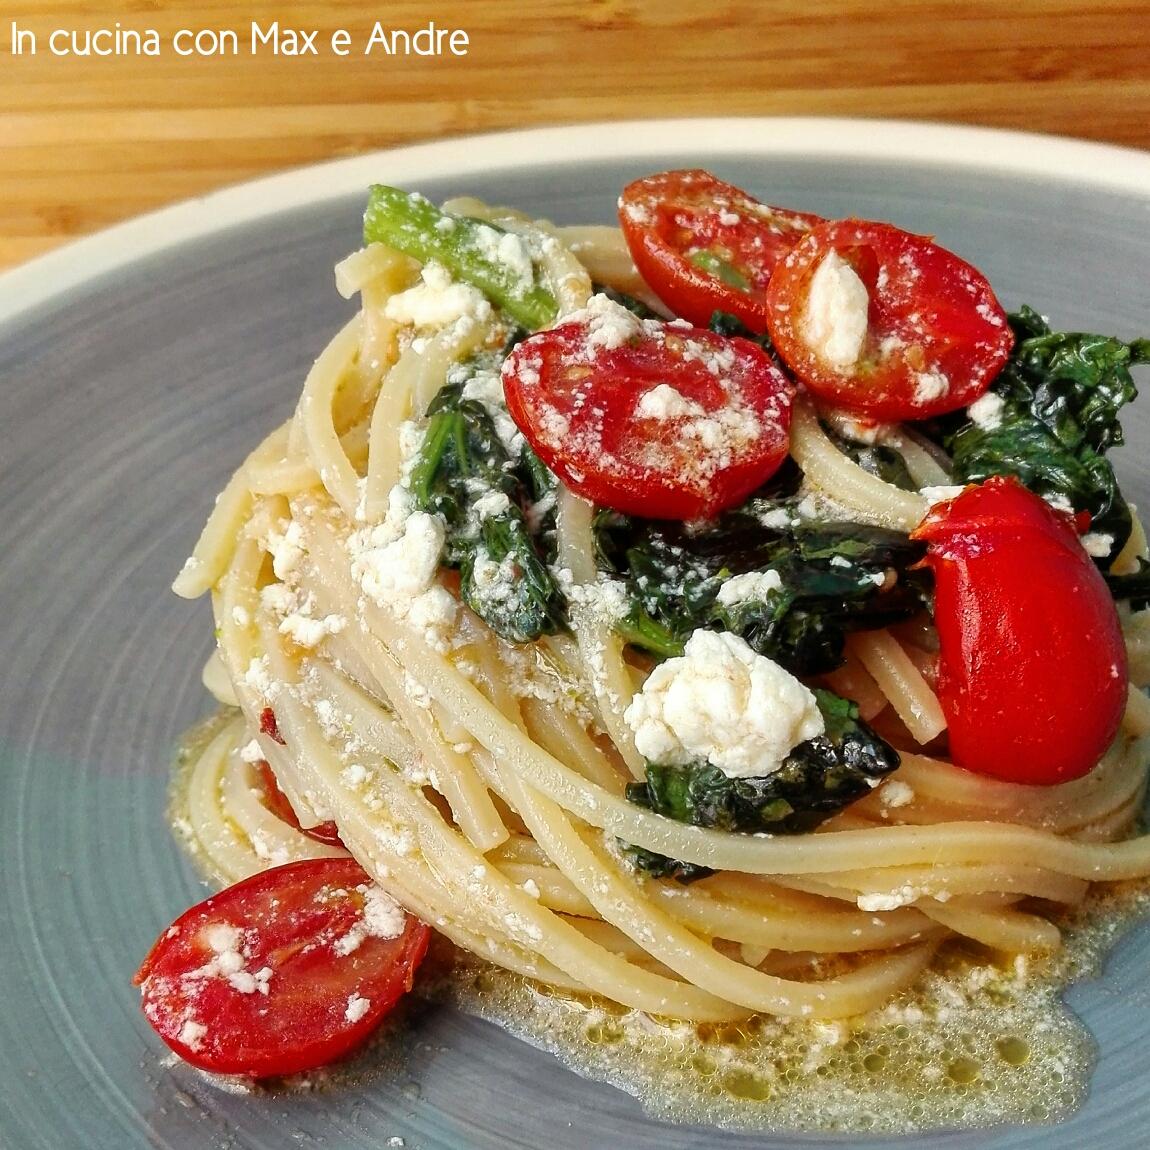 Spaghetti alla chitarra con cime di rapa, ricotta e pomodorini